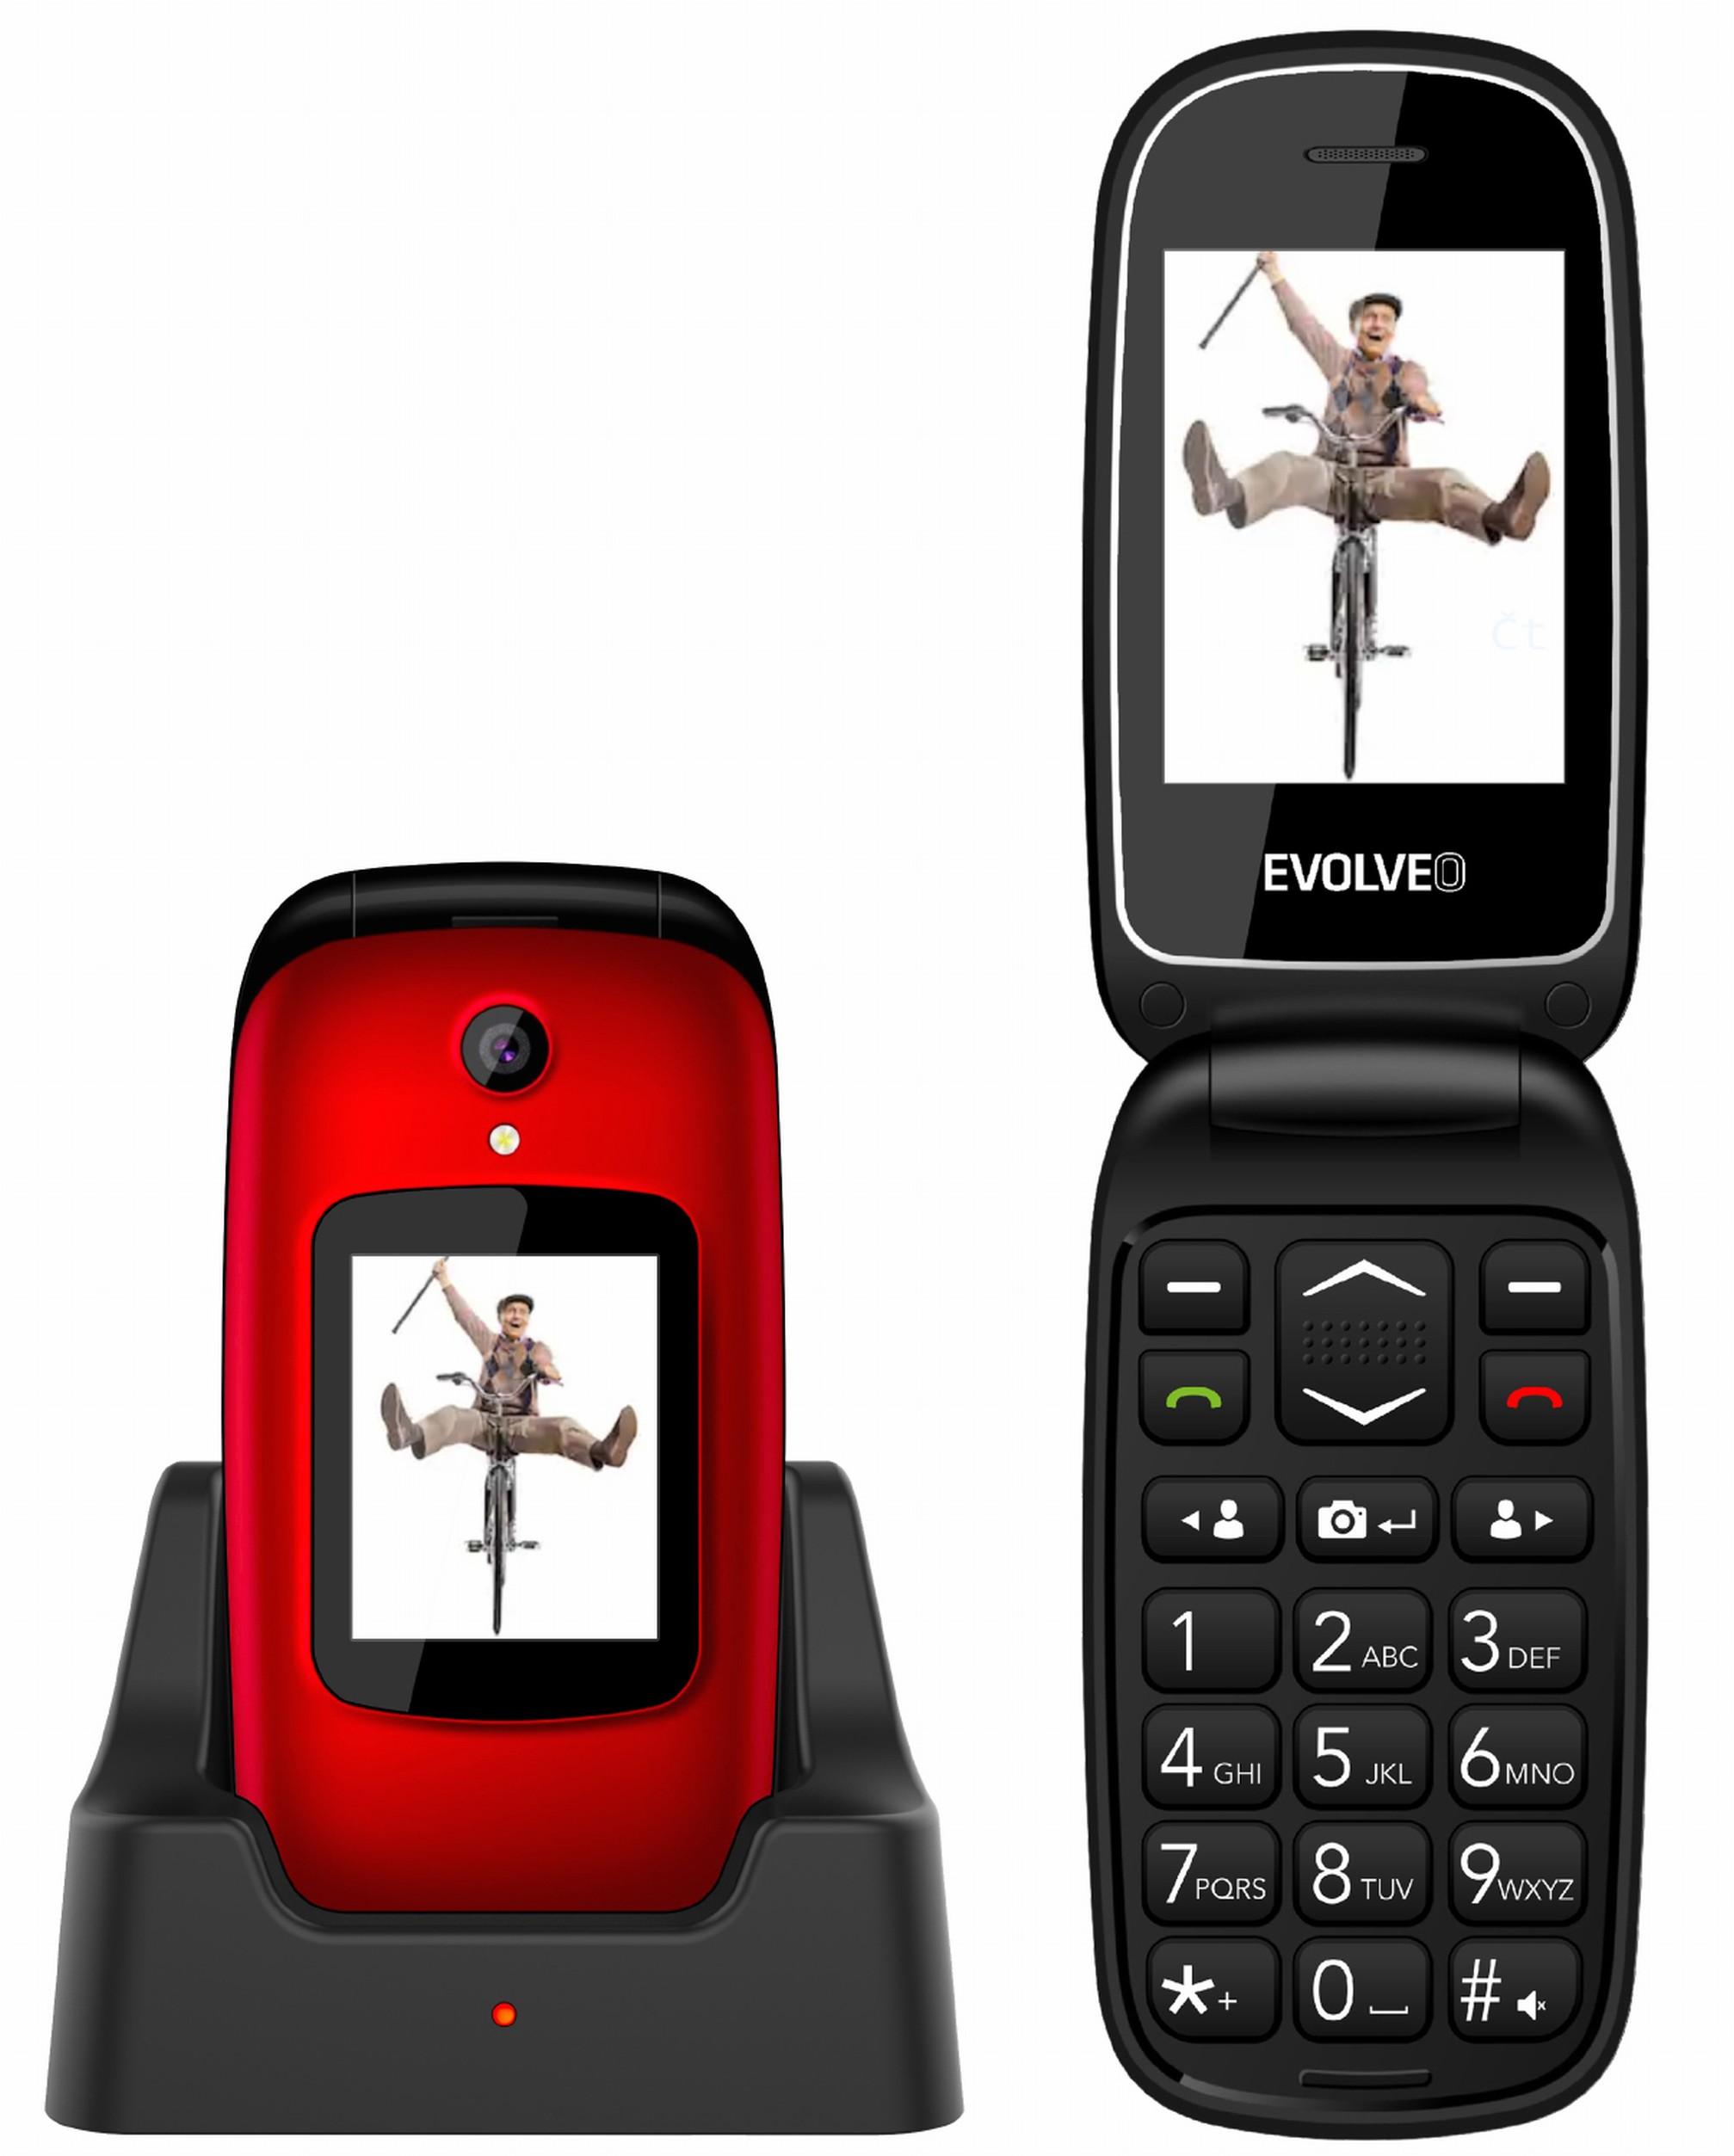 EVOLVEO EasyPhone FD, mobilní telefon pro seniory s nabíjecím stojánkem (červená barva) - EP-700-FDR